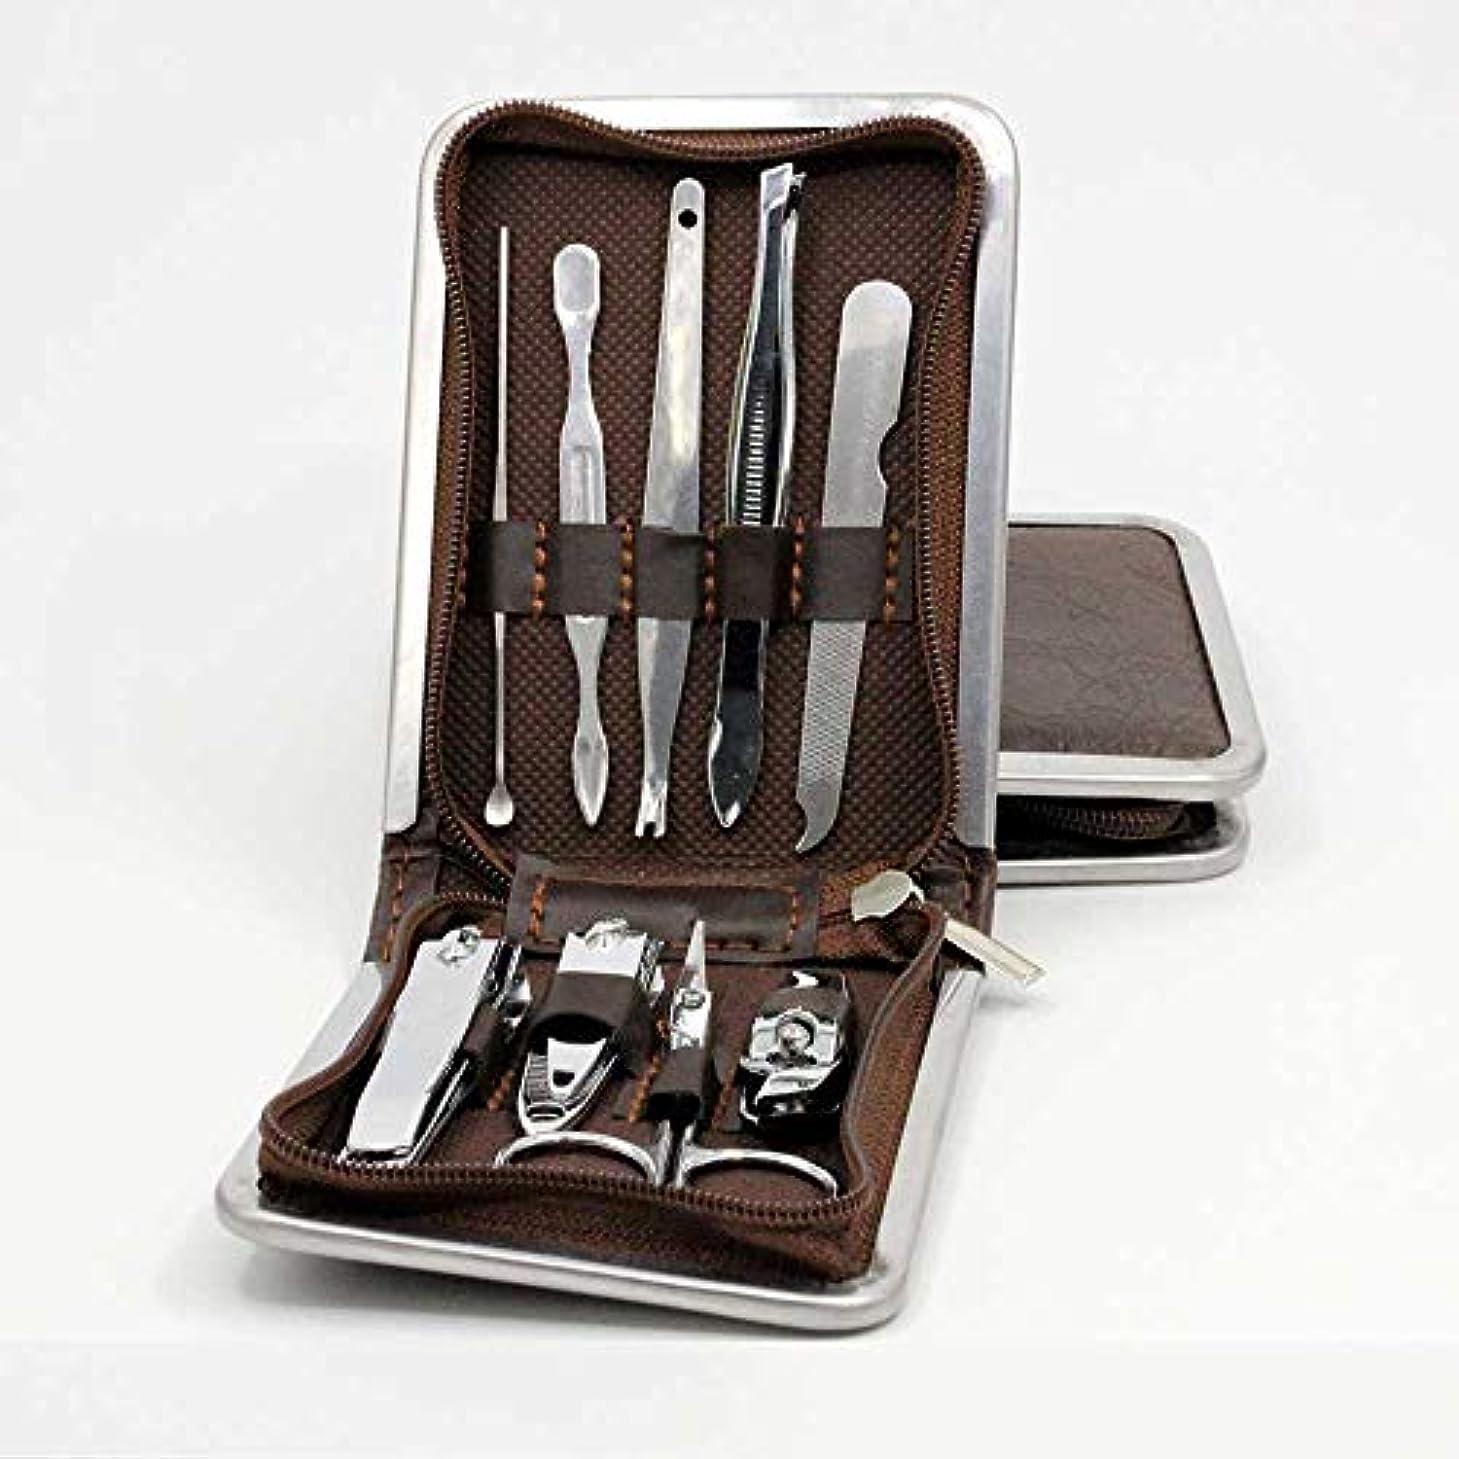 関係エクステントドットネイルケア 9点セット 爪切り 爪磨き 毛抜き ハサミ 耳かき ステンレス製 携帯便利 収納ケース付き